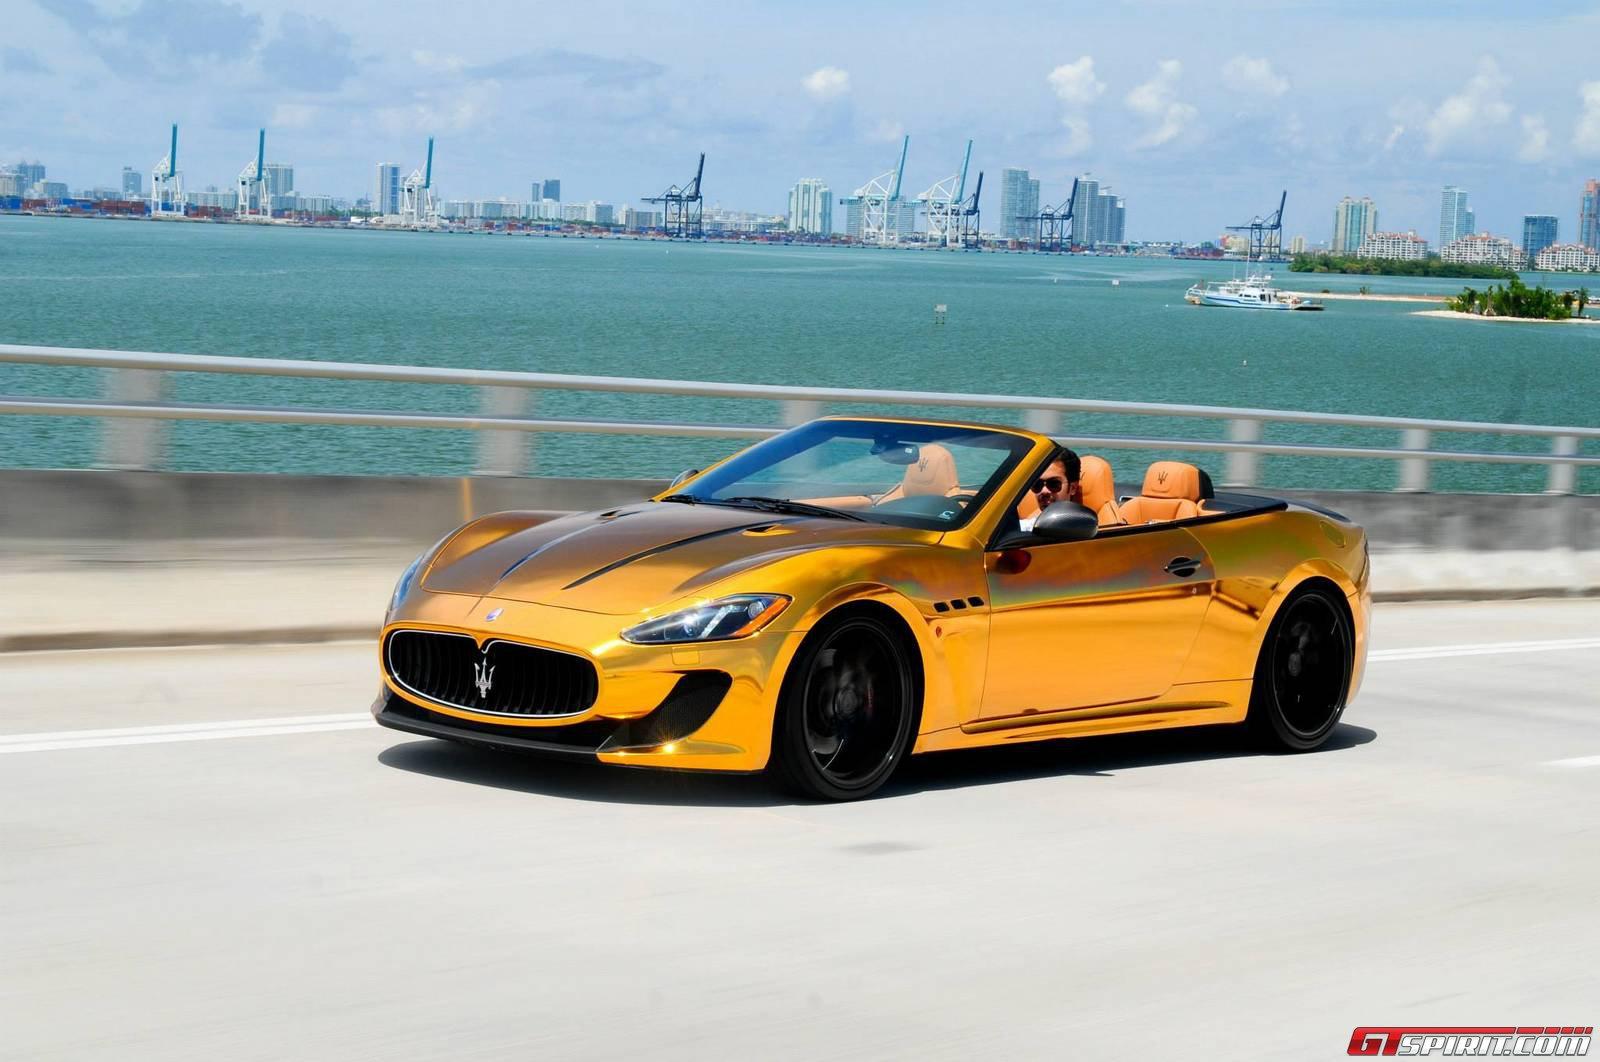 Matte Gold Maserati GranTurismo Sport 2013 in Dubai, UAE - YouTube